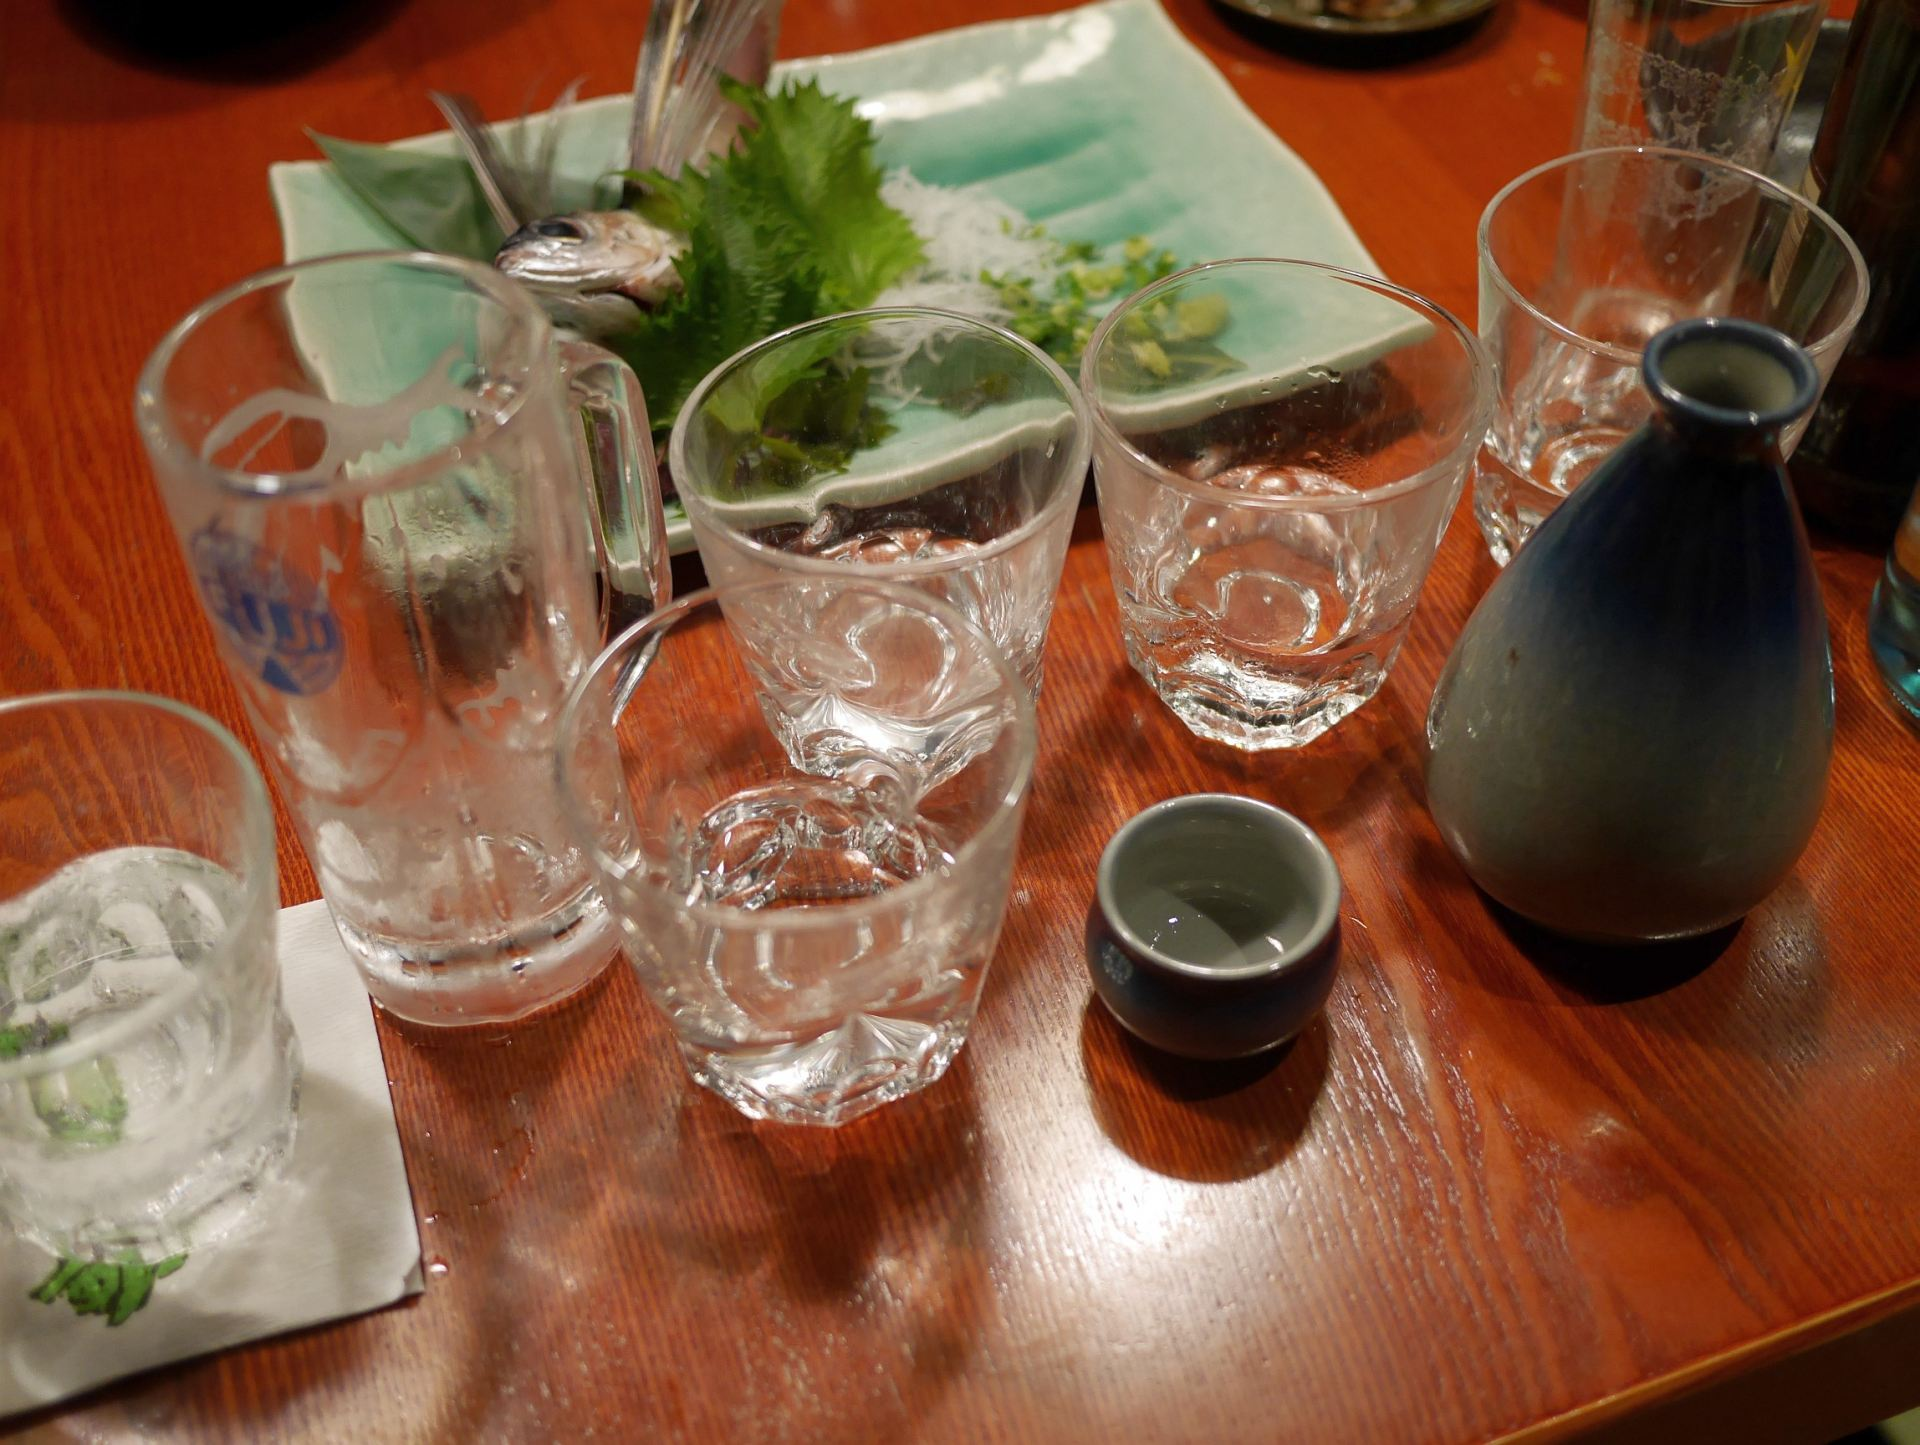 飯桌上已是堆滿了酒瓶和玻璃杯